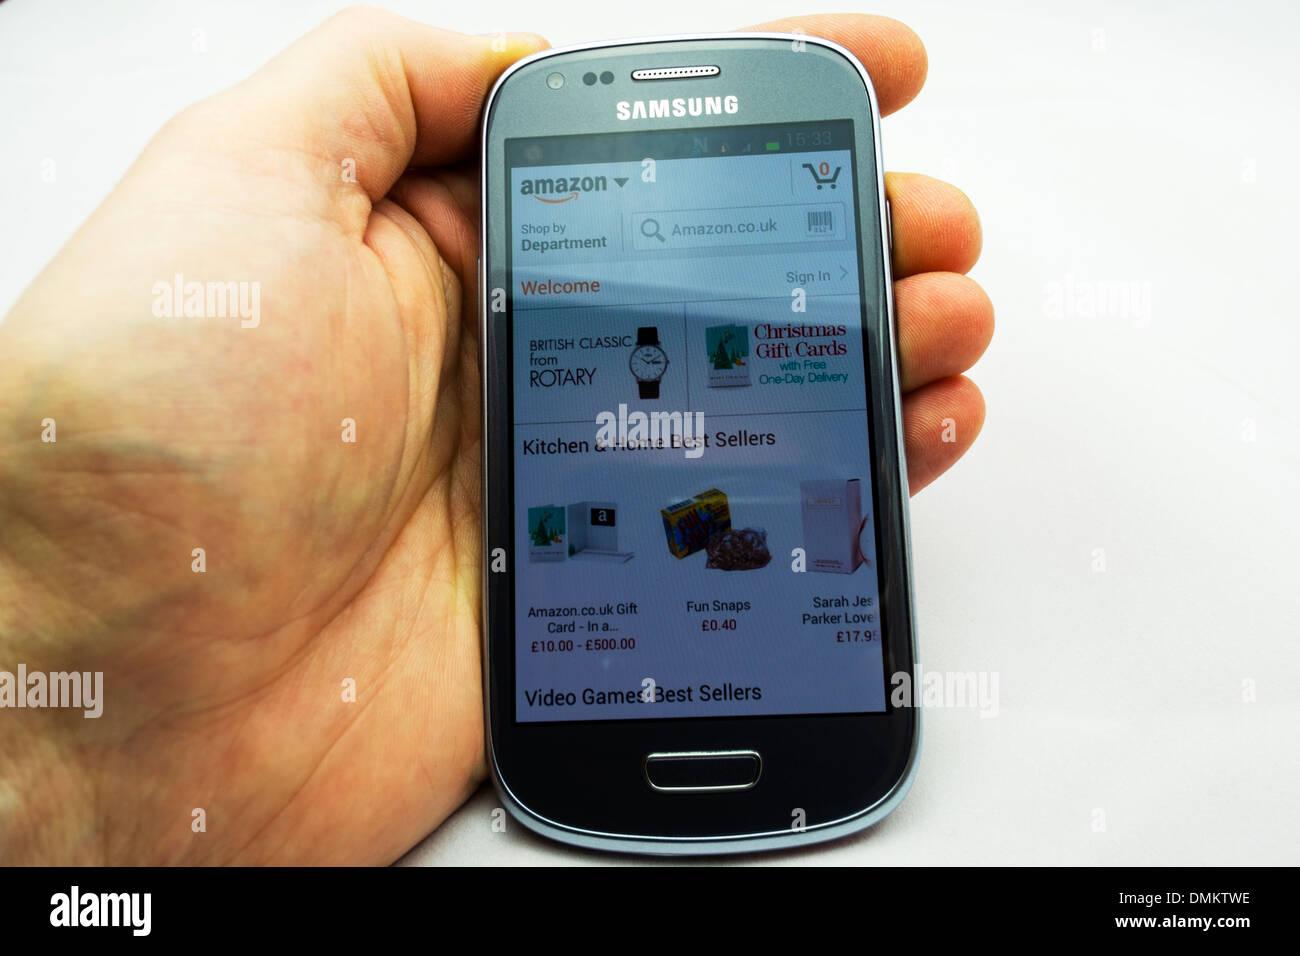 Amazon Móvil aplicación smartphone utilizando aplicaciones online Imagen De Stock